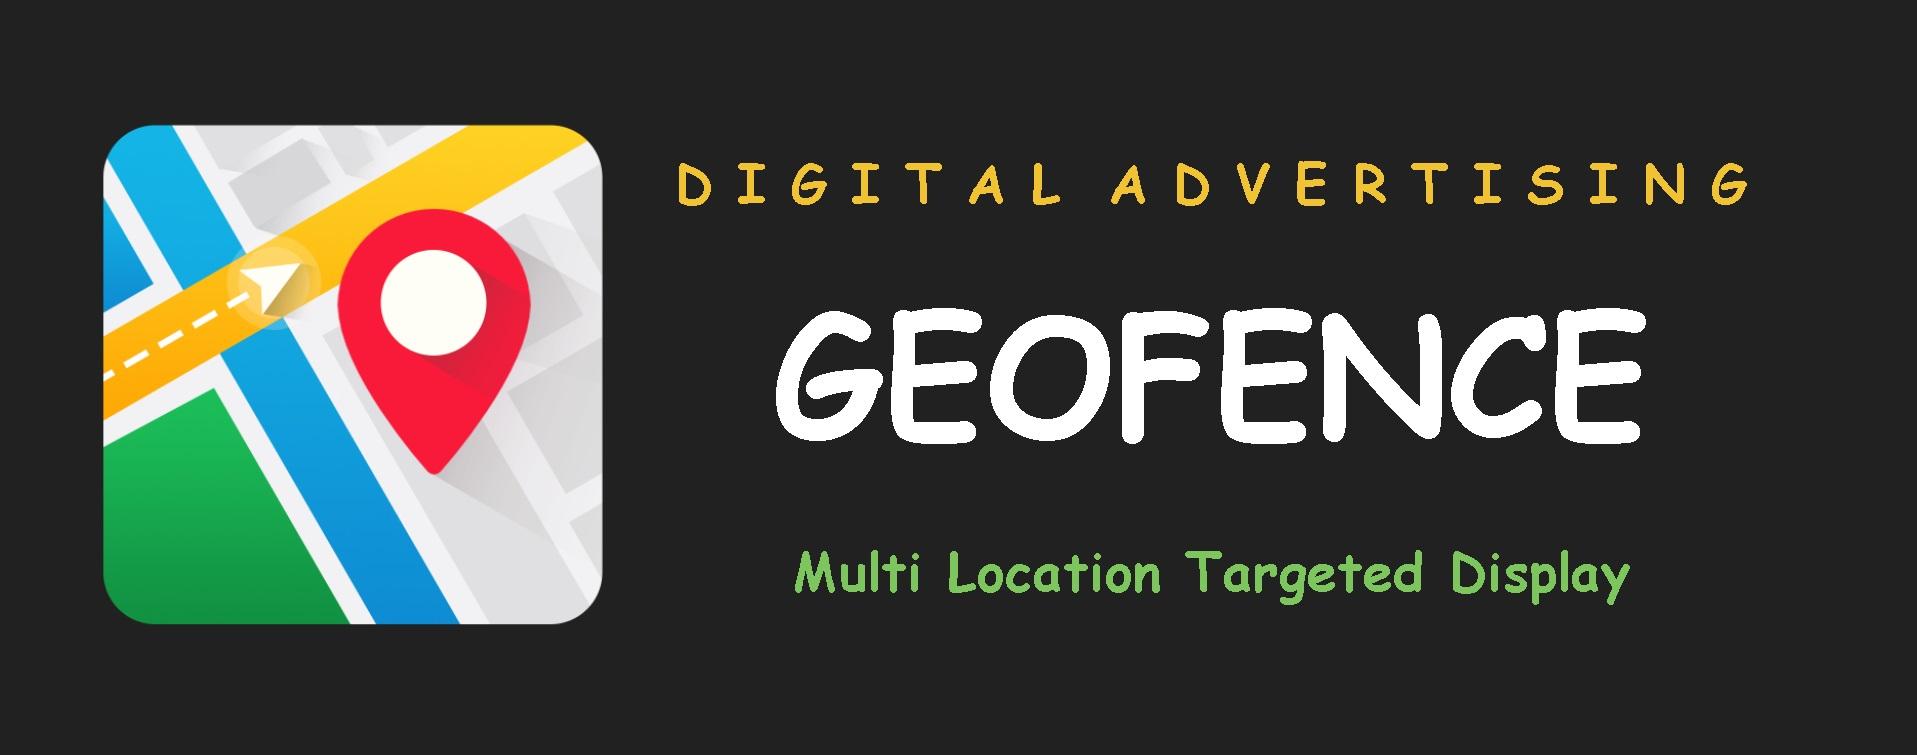 Geofence Digital Marketing - Qualify LLC